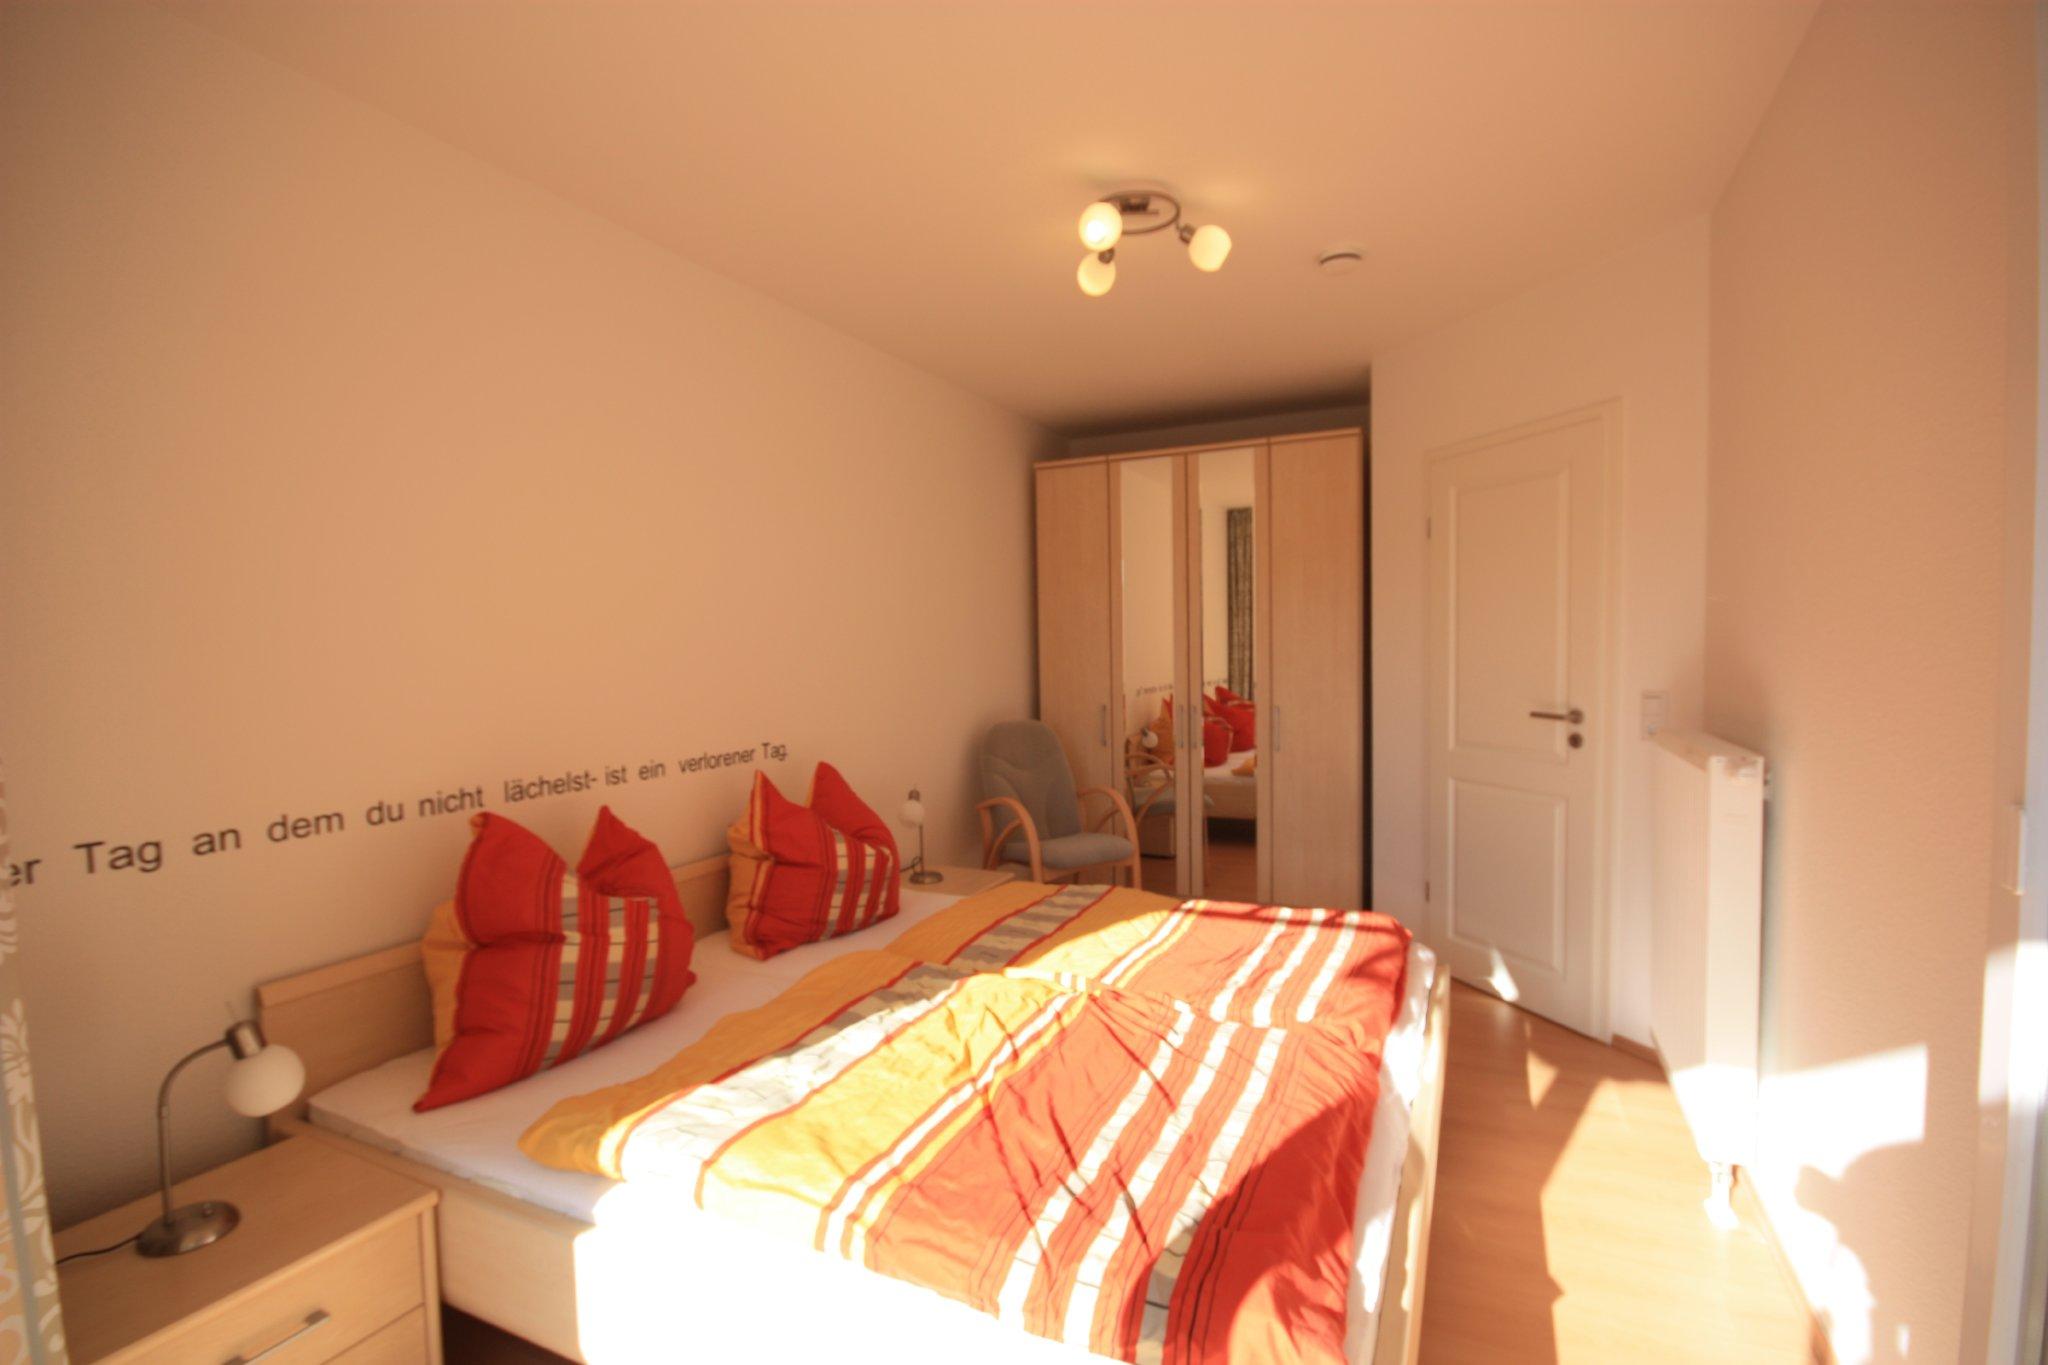 Schlafzimmer 1 - Ganzkörperspiegel